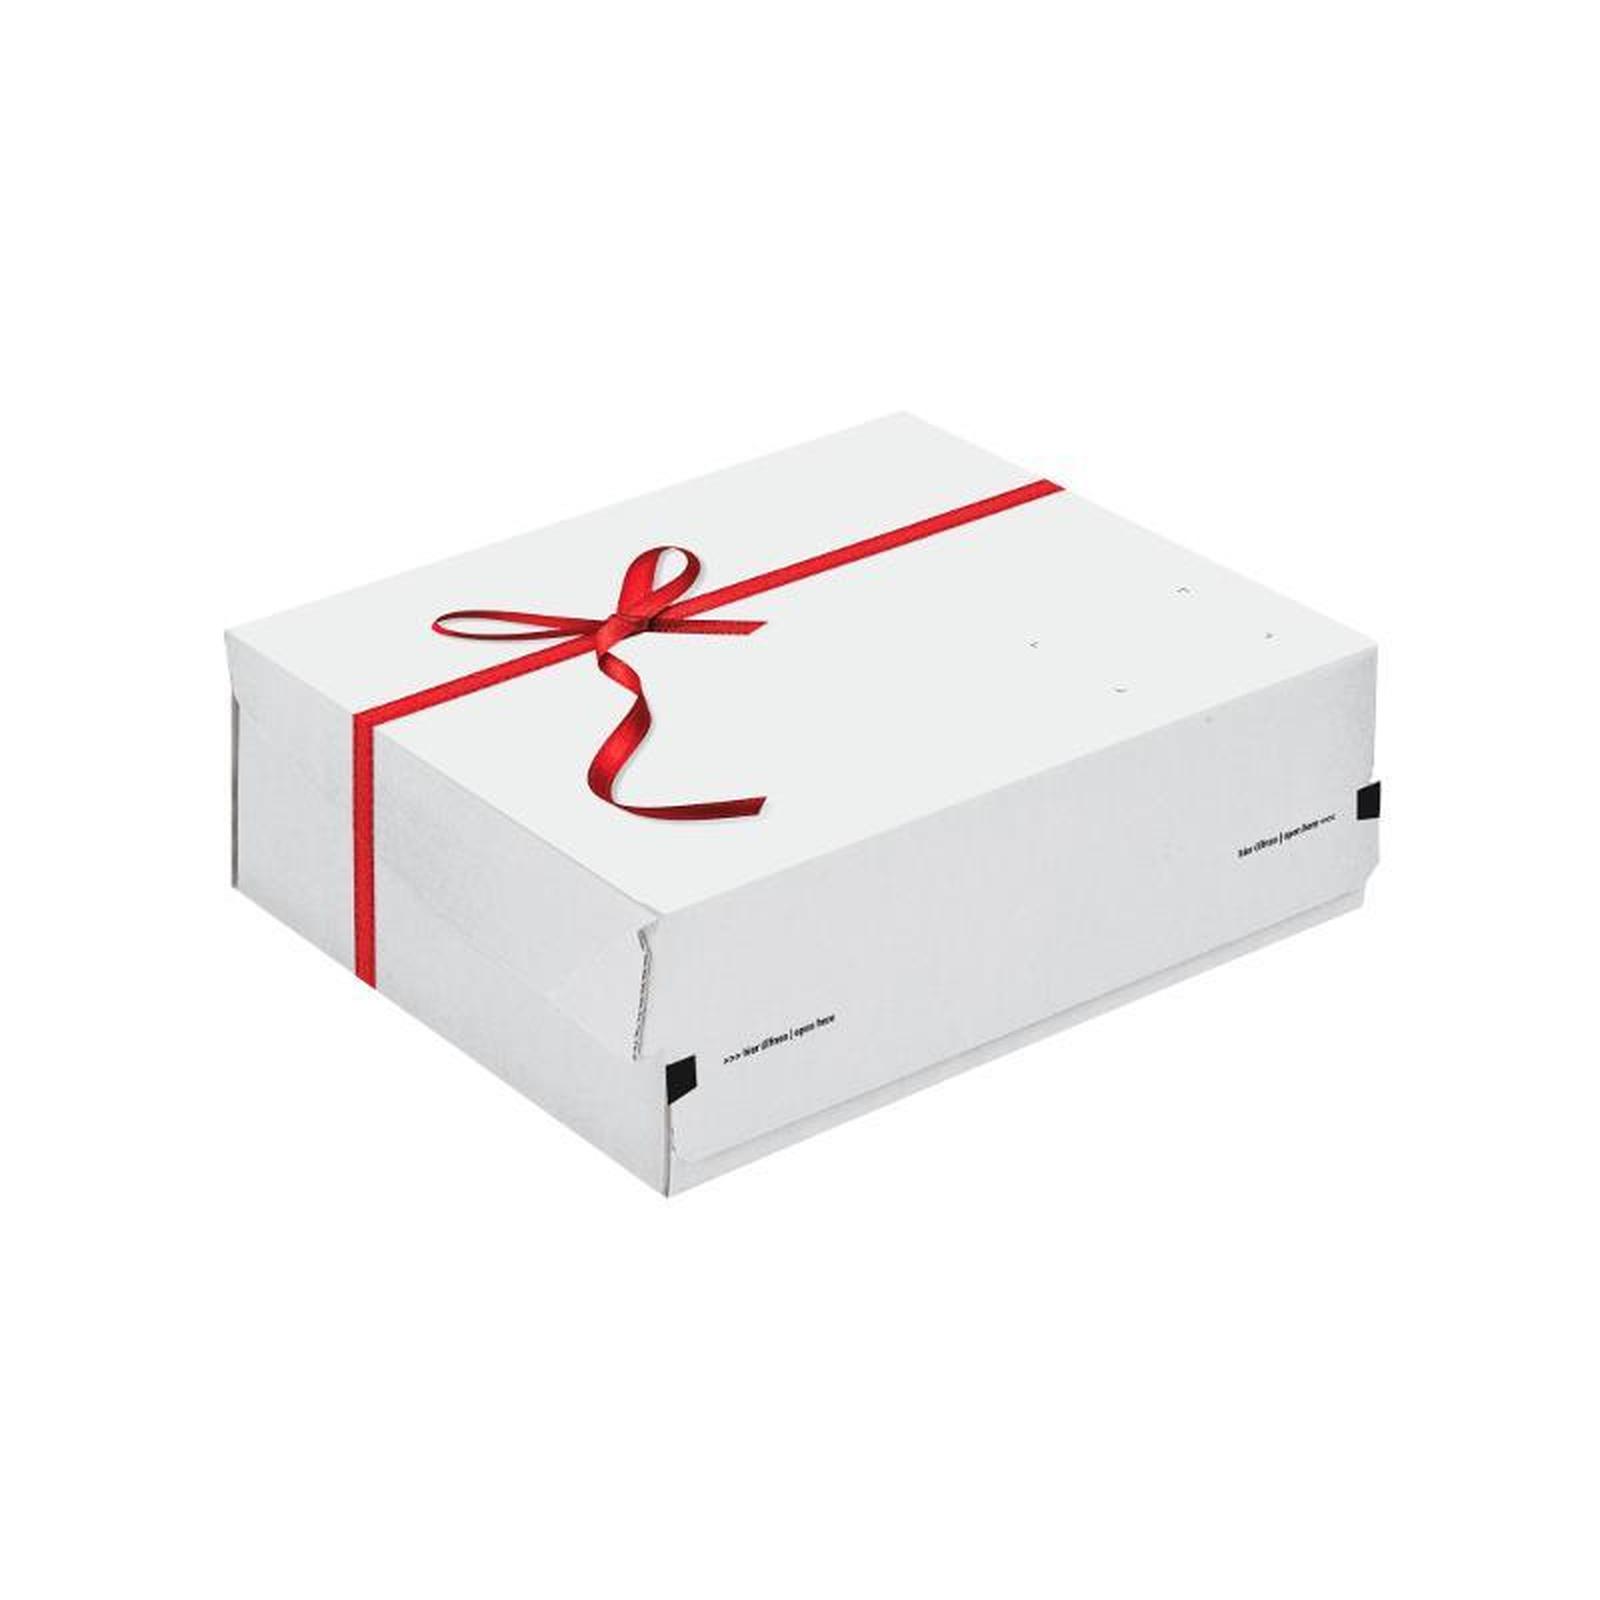 241x166x94 mm geschenkkarton grauwei mit schleife g nstig kaufen 0 96. Black Bedroom Furniture Sets. Home Design Ideas